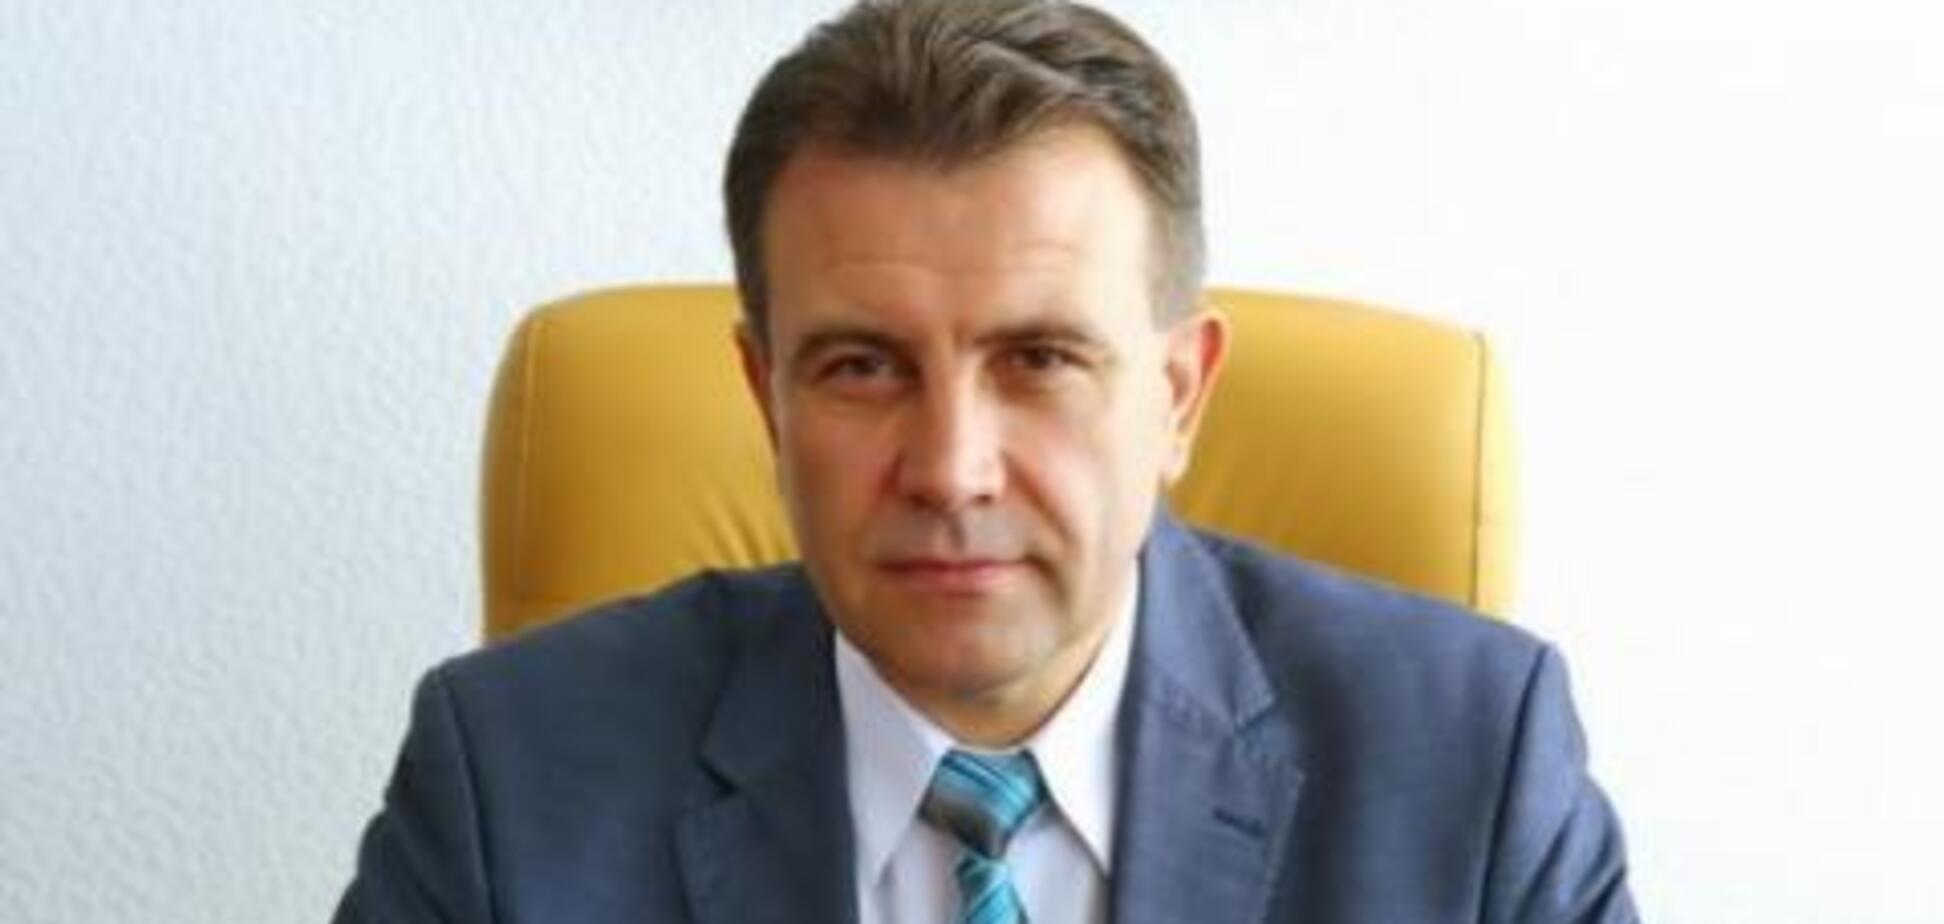 Организовал референдум 'ДНР': на Донетчине в Раду проходит 'царь' Дружковки